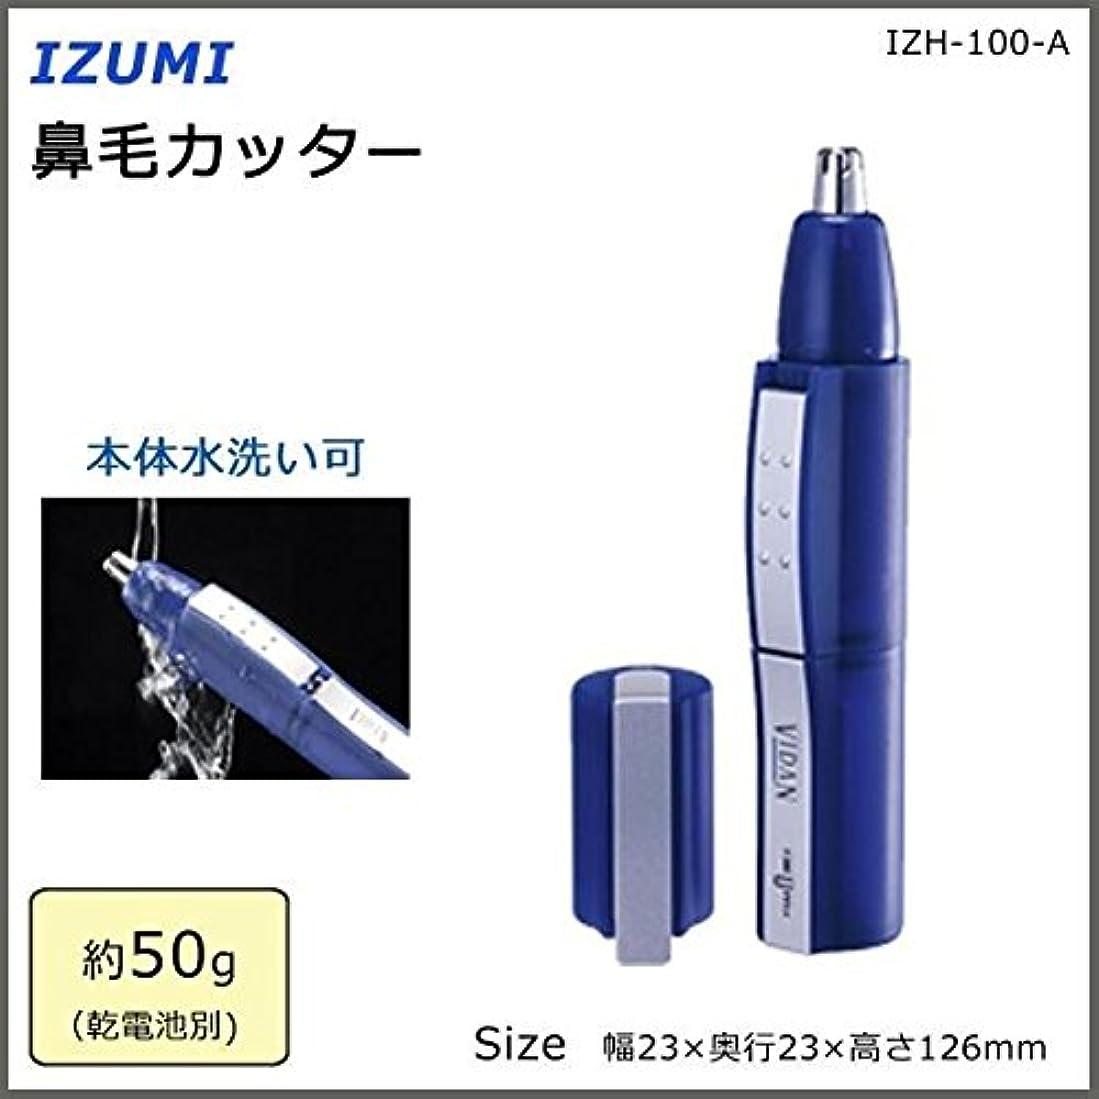 毎回本体リスキーなIZUMI 鼻毛カッター IZH-100-A